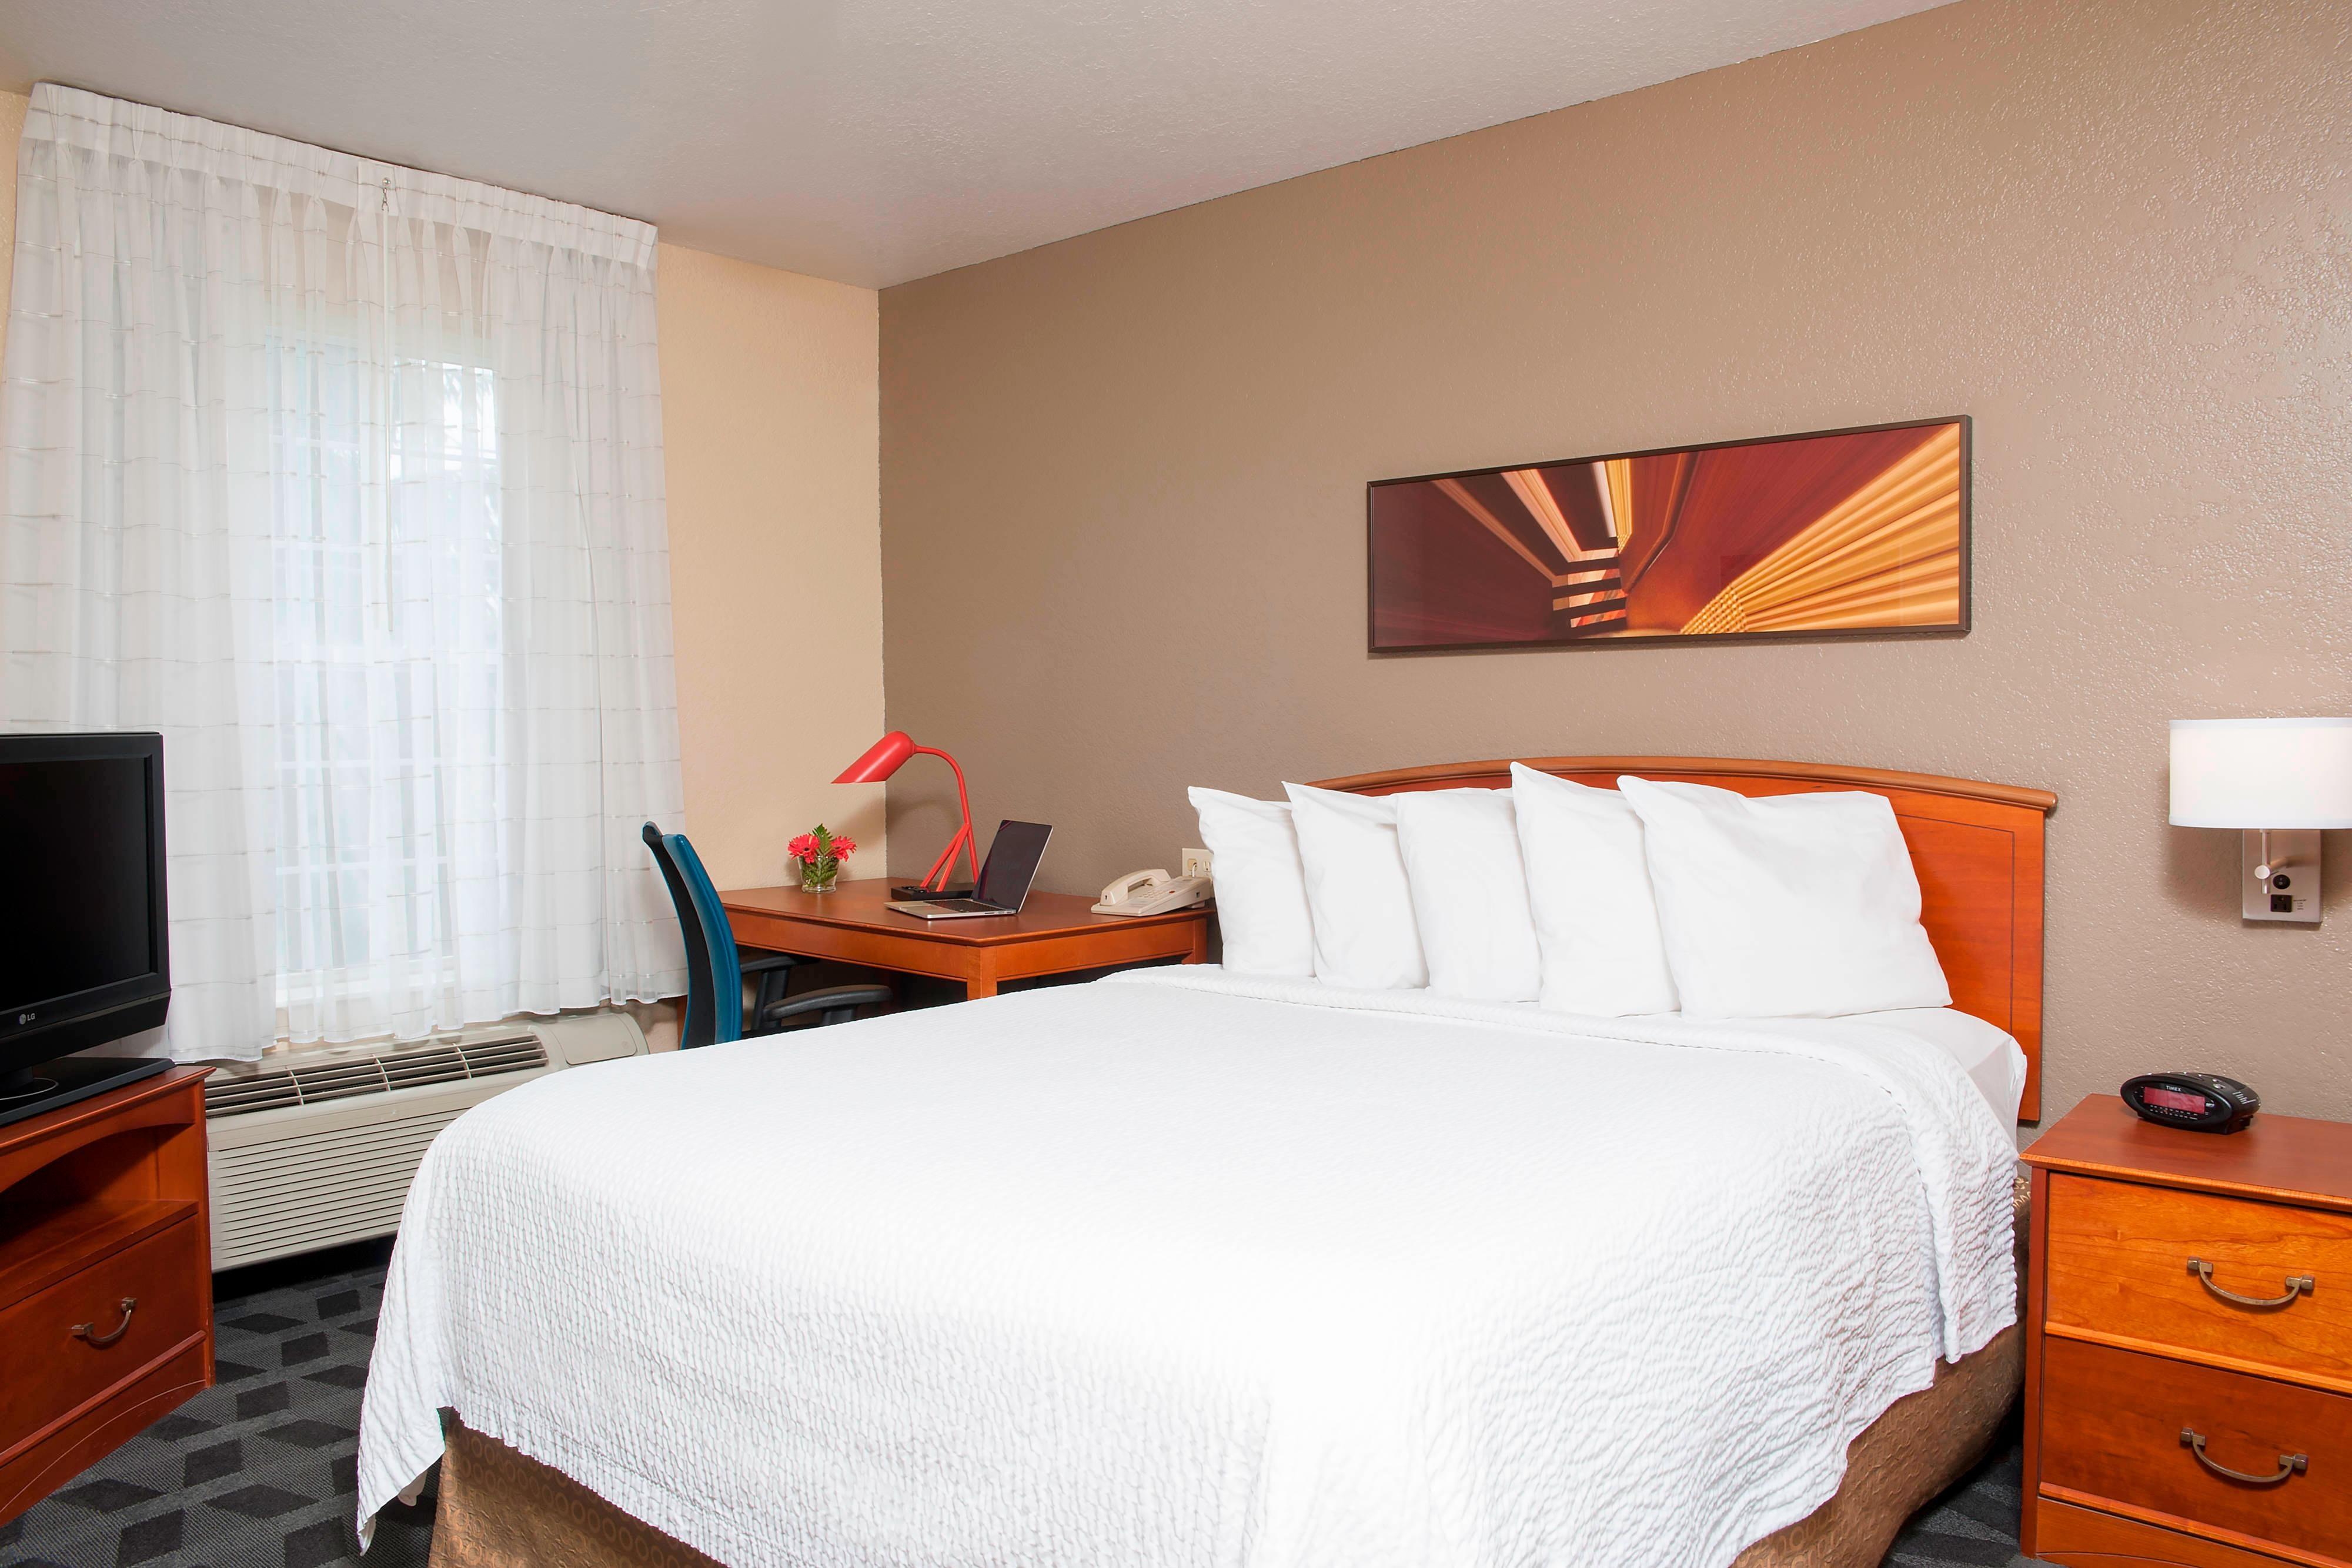 Suite de uno y de dos dormitorios – Dormitorio